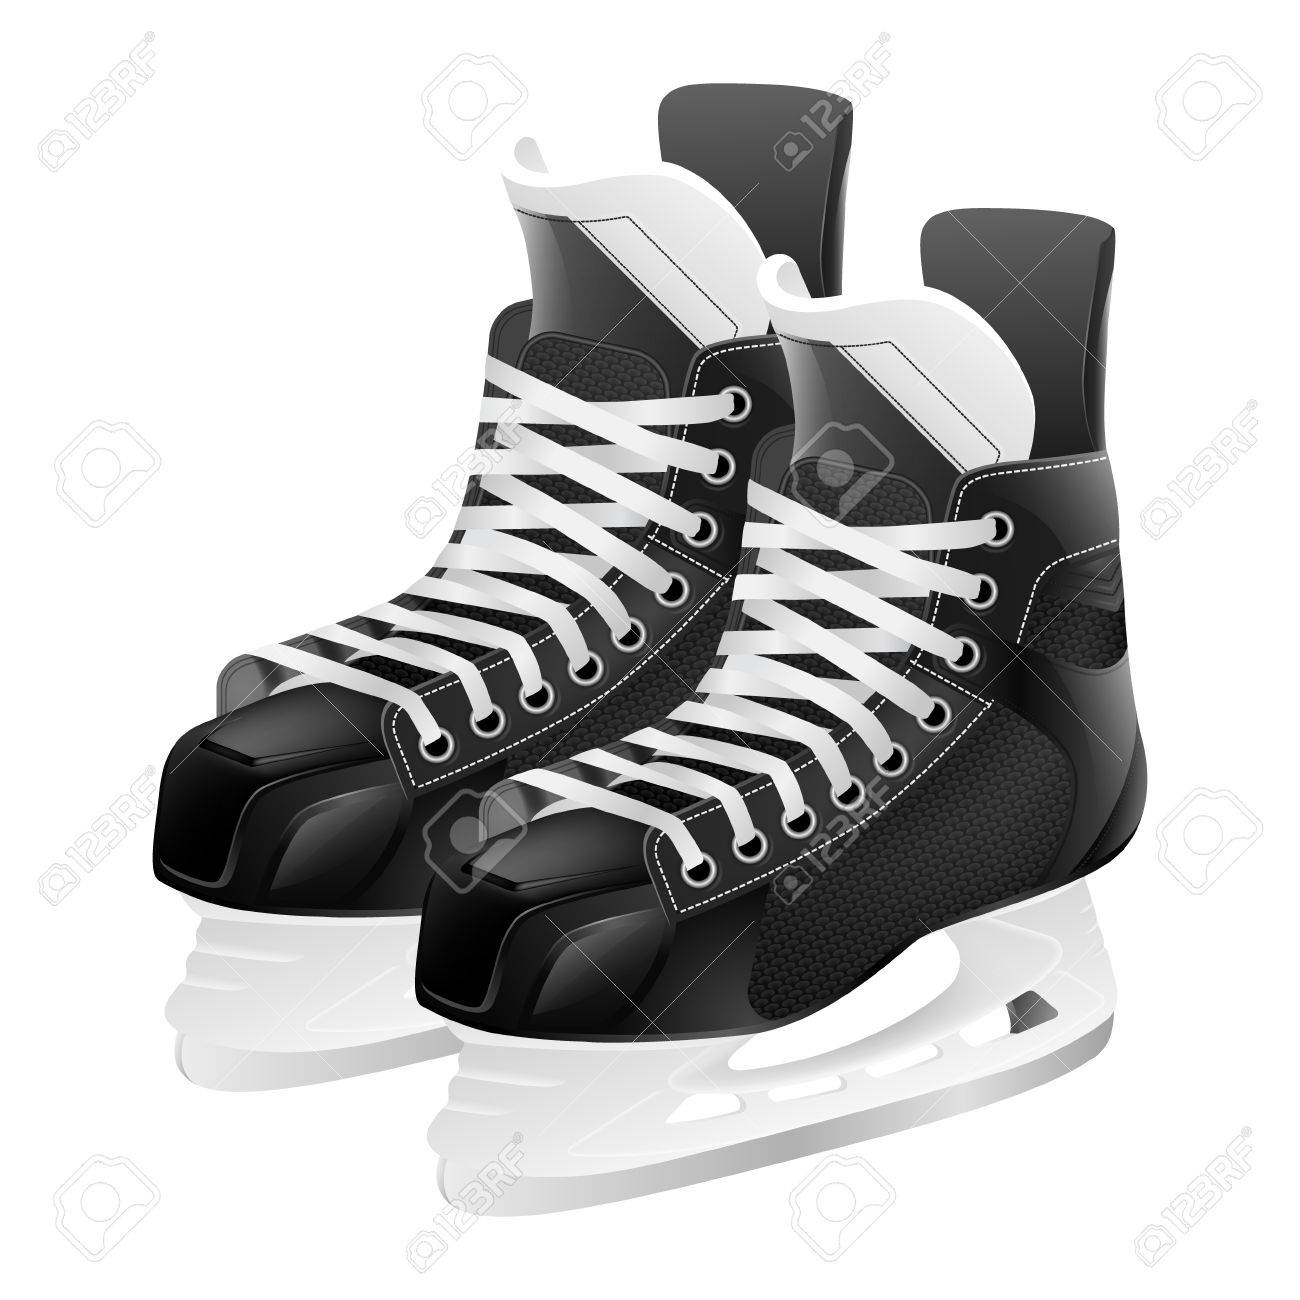 Ice hockey skates, isolated on white. Vector illustration..